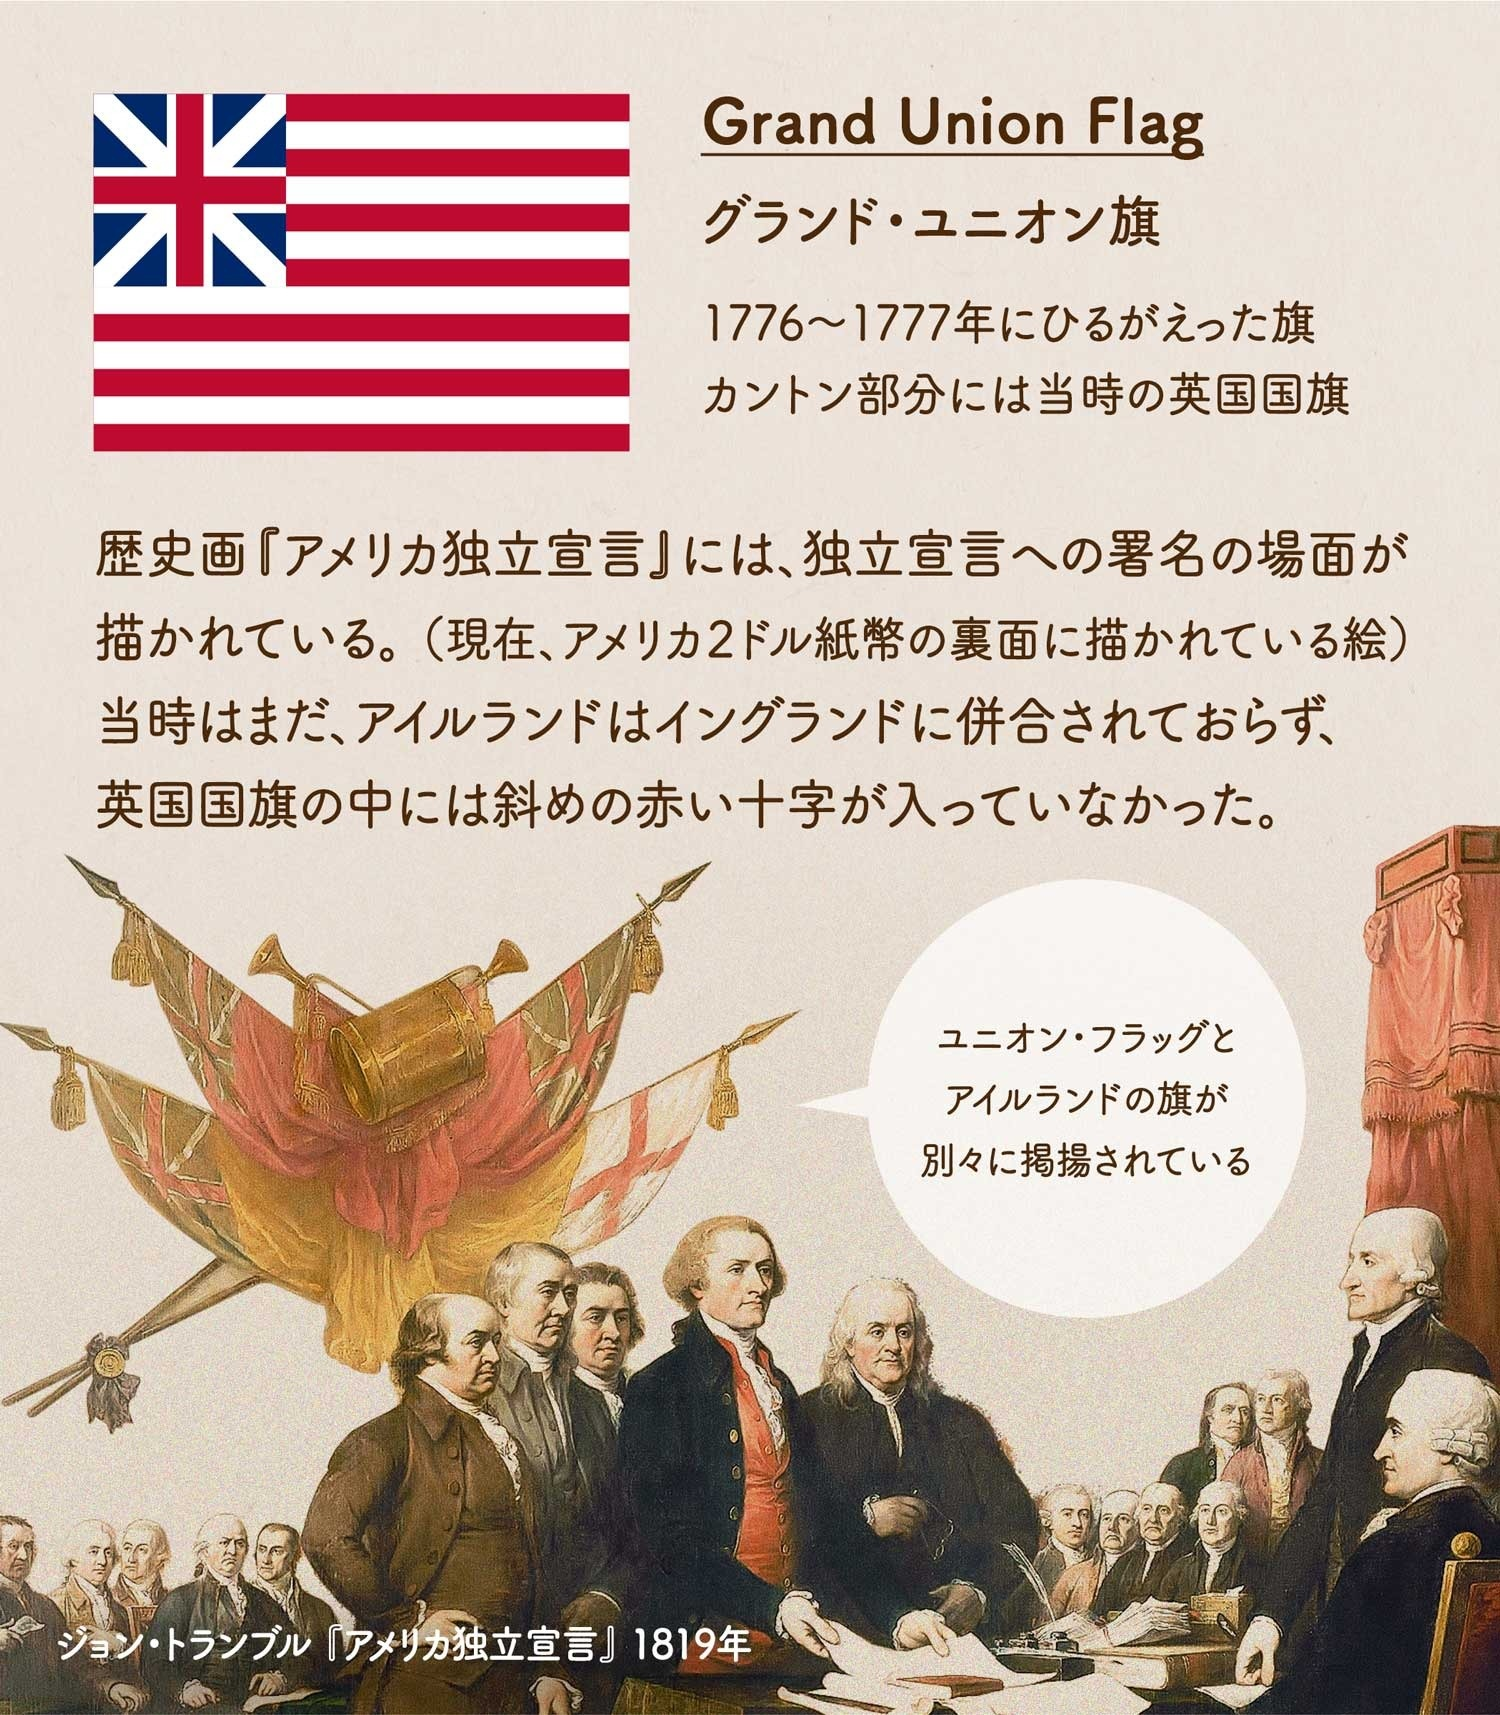 Grand Union Flag グランド・ユニオン旗/1776〜1777年にひるがえった旗。カントン部分には当時の英国国旗。歴史画『アメリカ独立宣言』には、独立宣言への署名の場面が描かれている。 (現在、アメリカ2ドル紙幣の裏面に描かれている絵)当時はまだ、アイルランドはイングランドに併合されておらず、英国国旗の中には斜めの十字が入っていなかった。絵画からも、グランド・ユニオン旗とアイルランドの旗が別々に掲揚されているのがわかる。ジョン・トランブル 『アメリカ独立宣言』 1819年